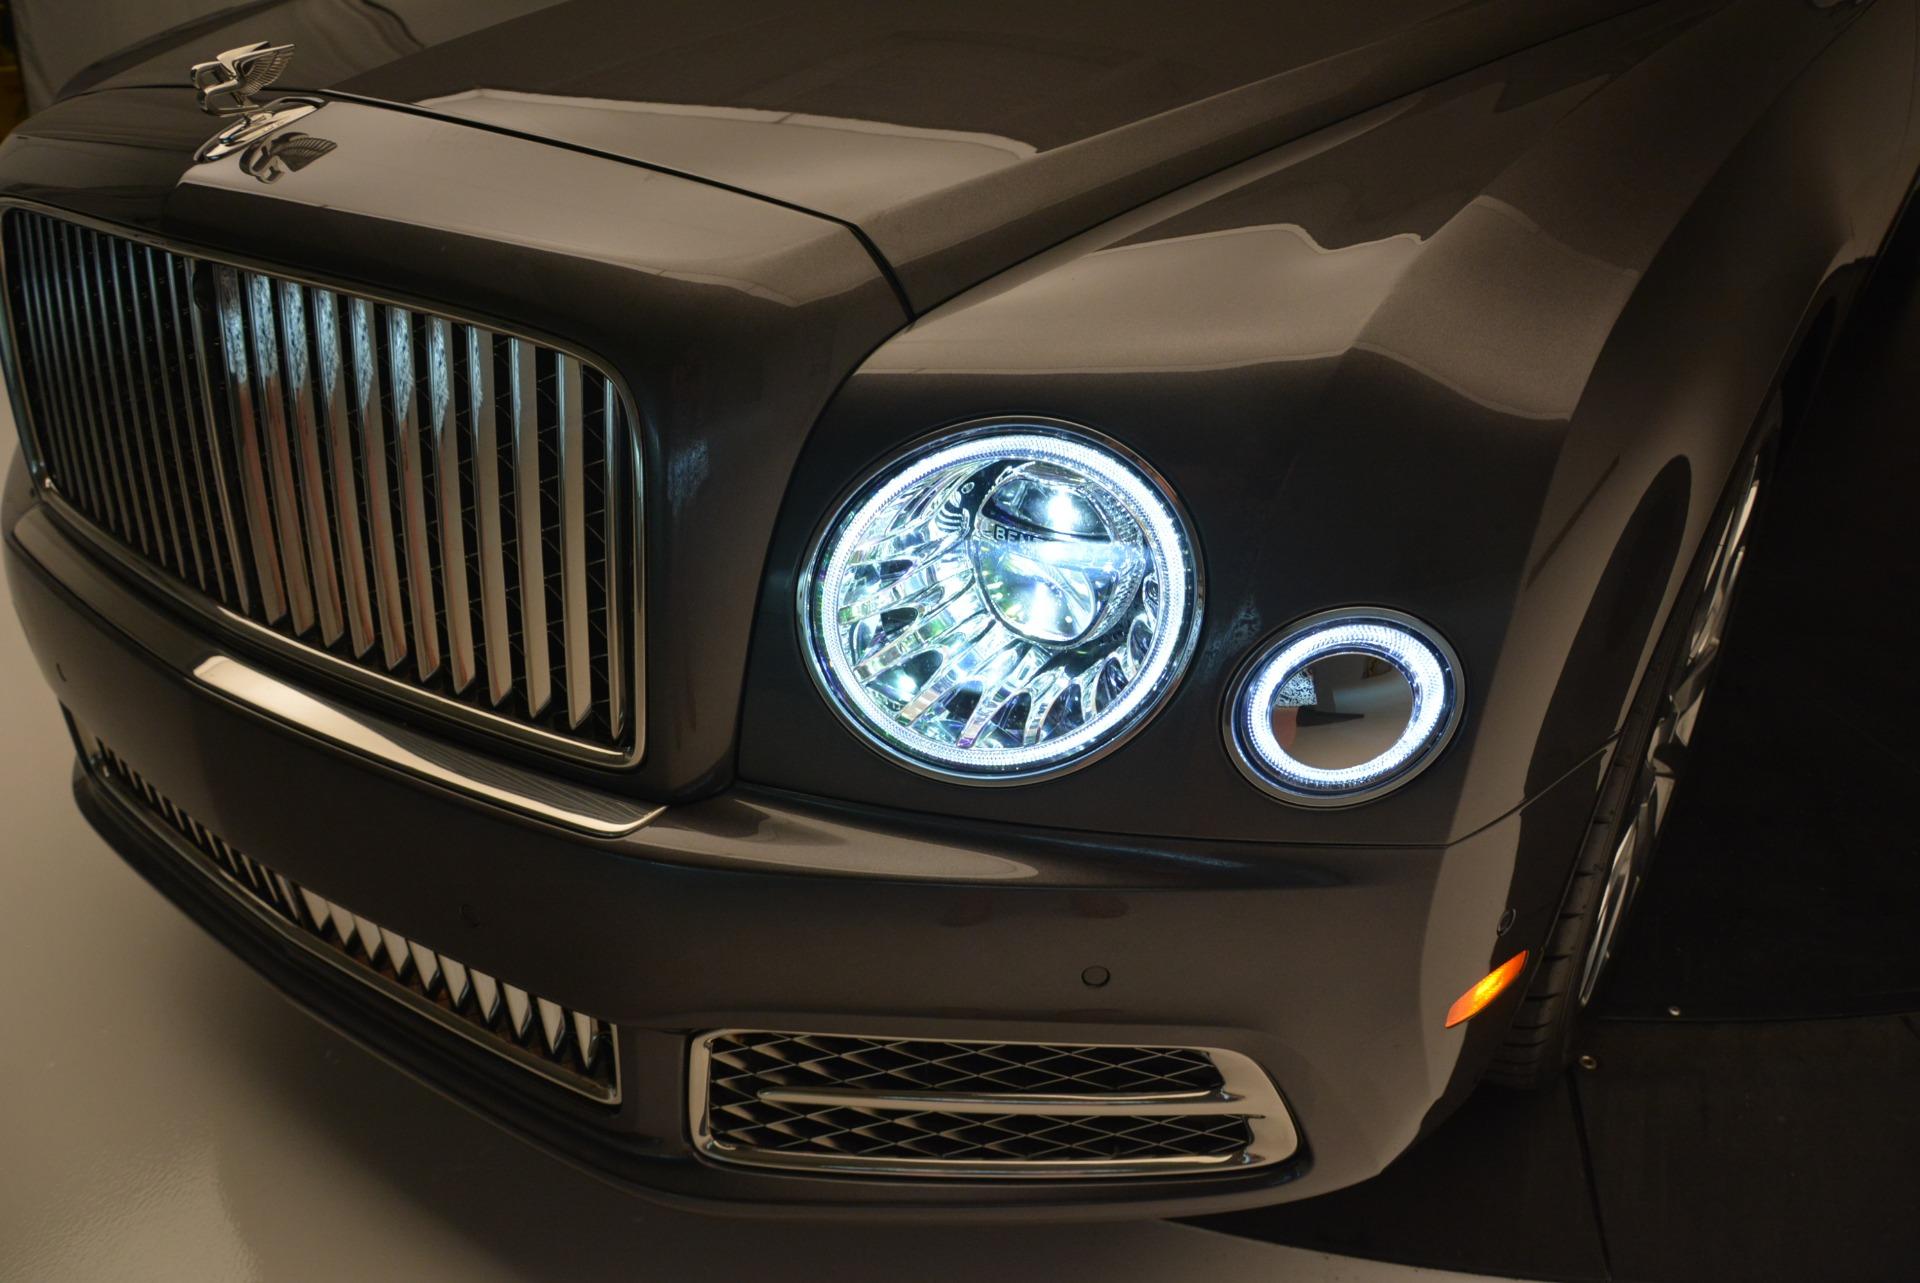 Used 2017 Bentley Mulsanne EWB For Sale In Westport, CT 1554_p5